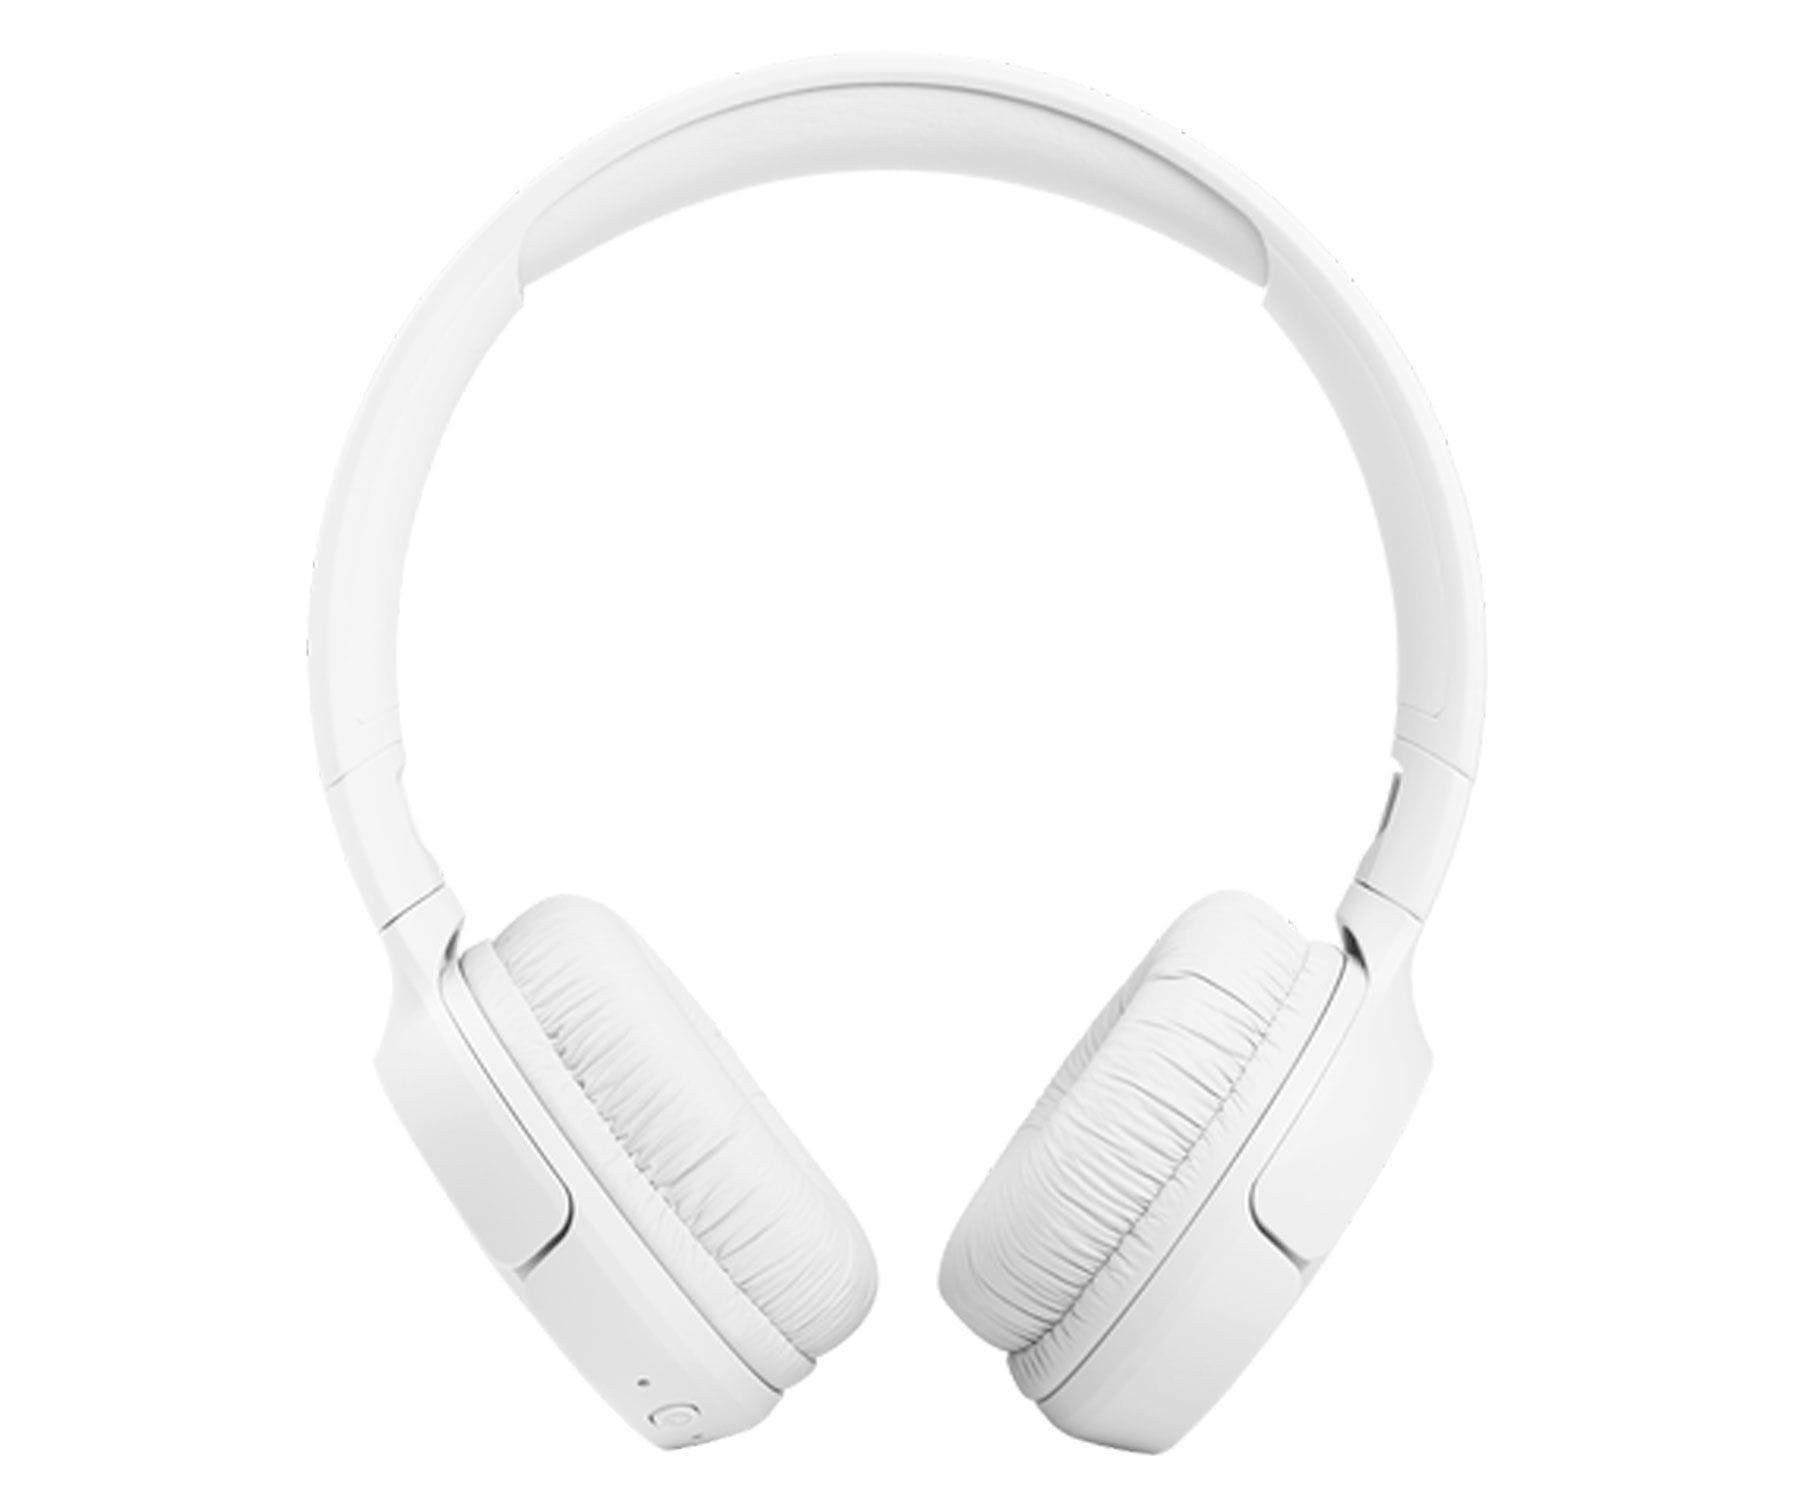 JBL Tune 510 BT Blanco/Auriculares inalámbricos Bluetooth JBL Pure Bass